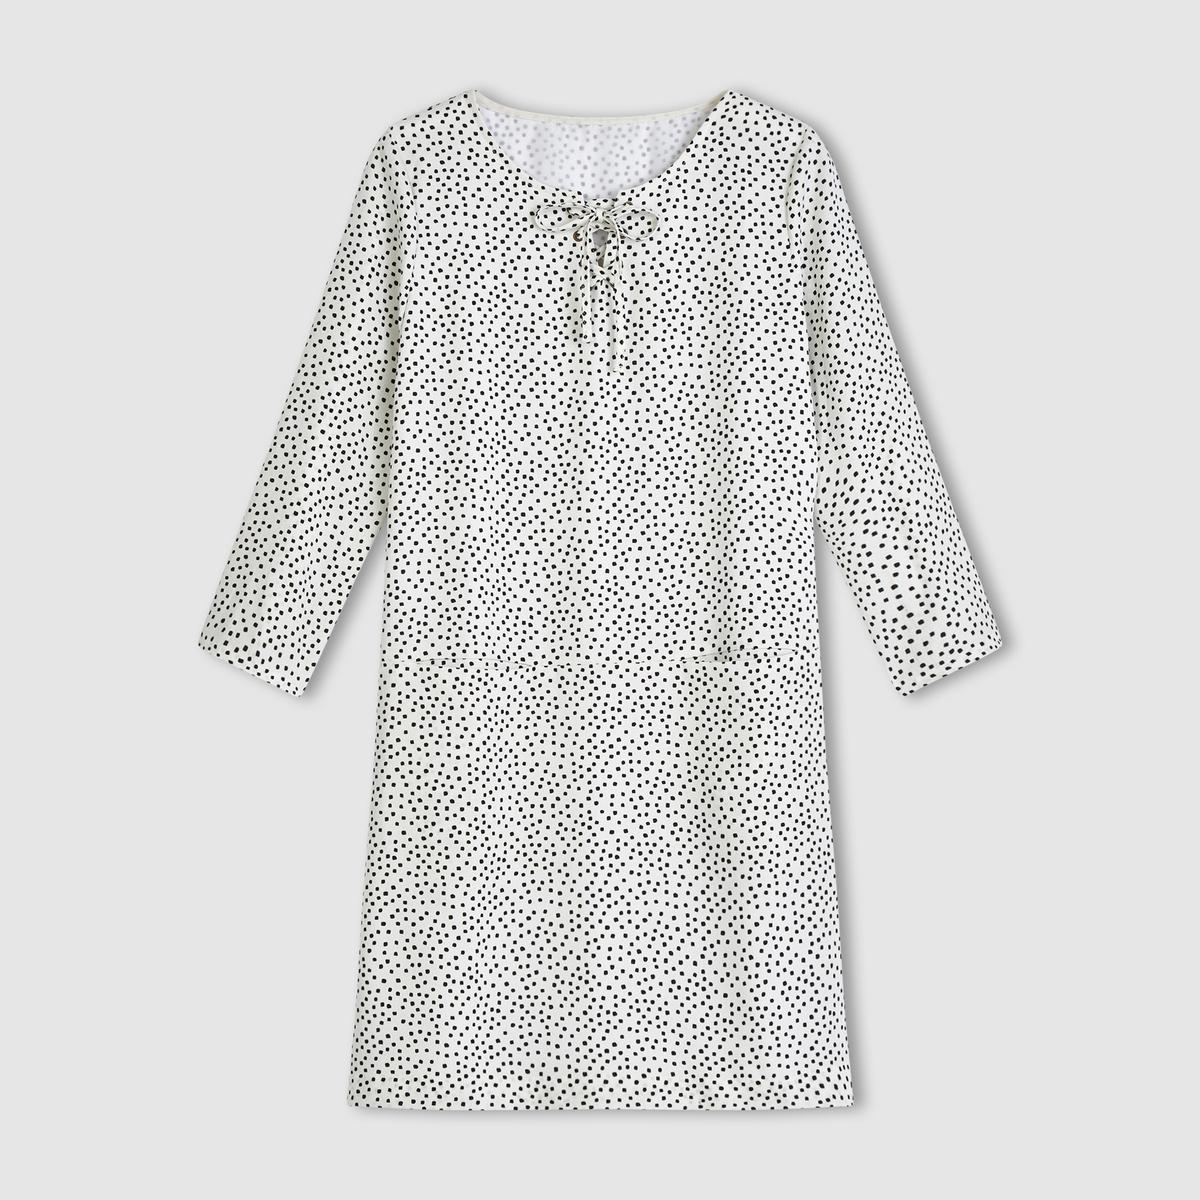 Платье с рукавами 3/4 и вырезом со шнуровкойПлатье .  100% полиэстер . Длинные рукава . 2 накладных кармана. Вырез со шнуровкой . Длина 90 см .<br><br>Цвет: экрю/черный горошек<br>Размер: 40 (FR) - 46 (RUS)